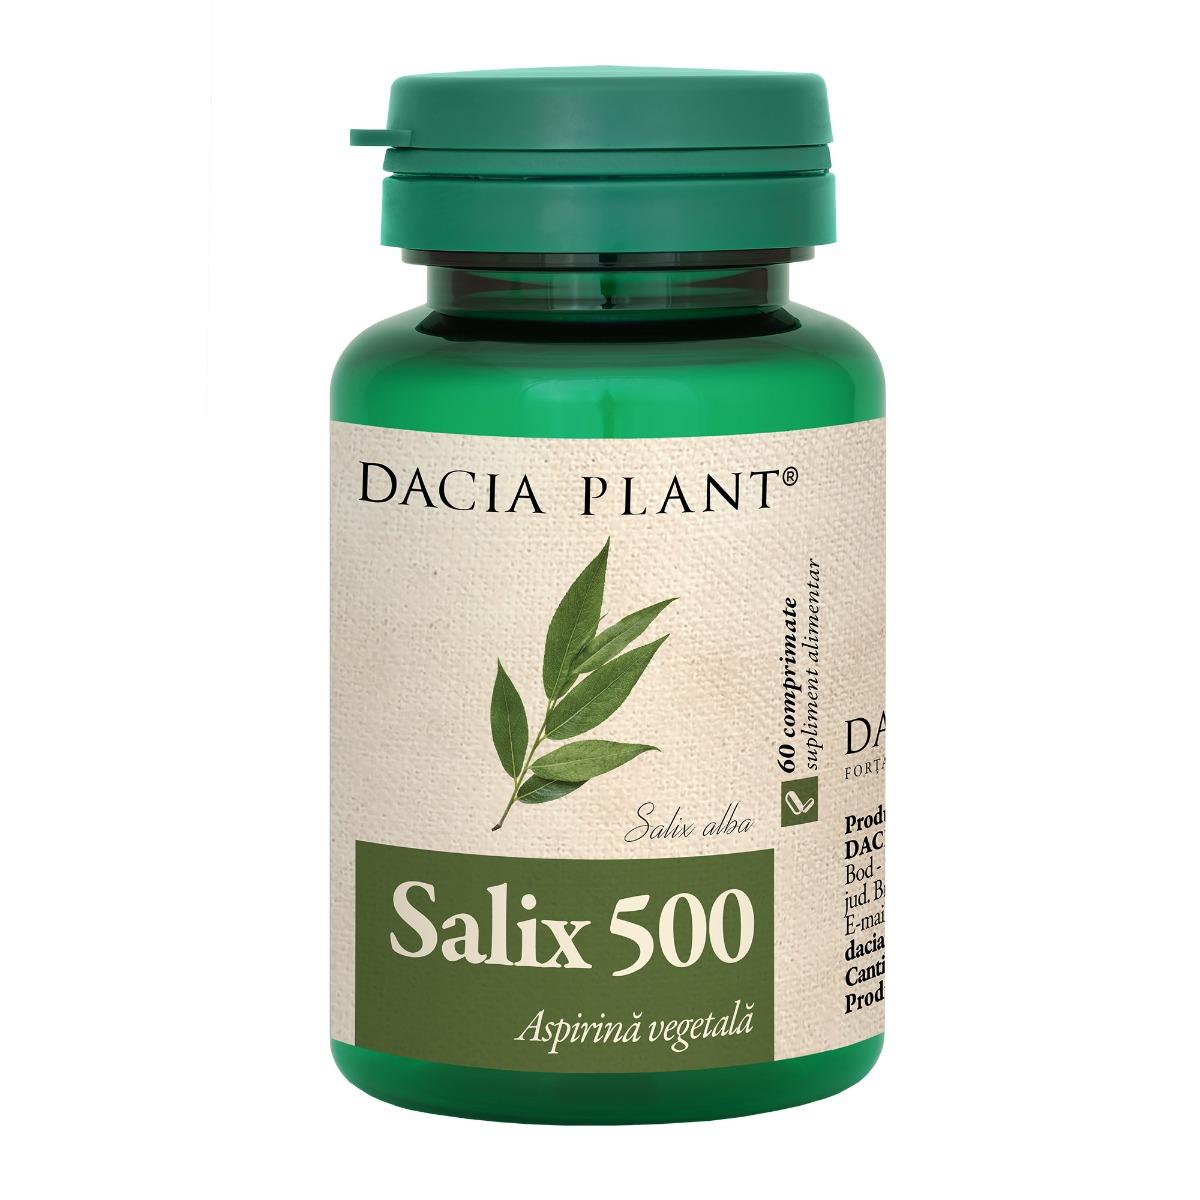 Salix, 60 comprimate, Dacia Plant drmax.ro